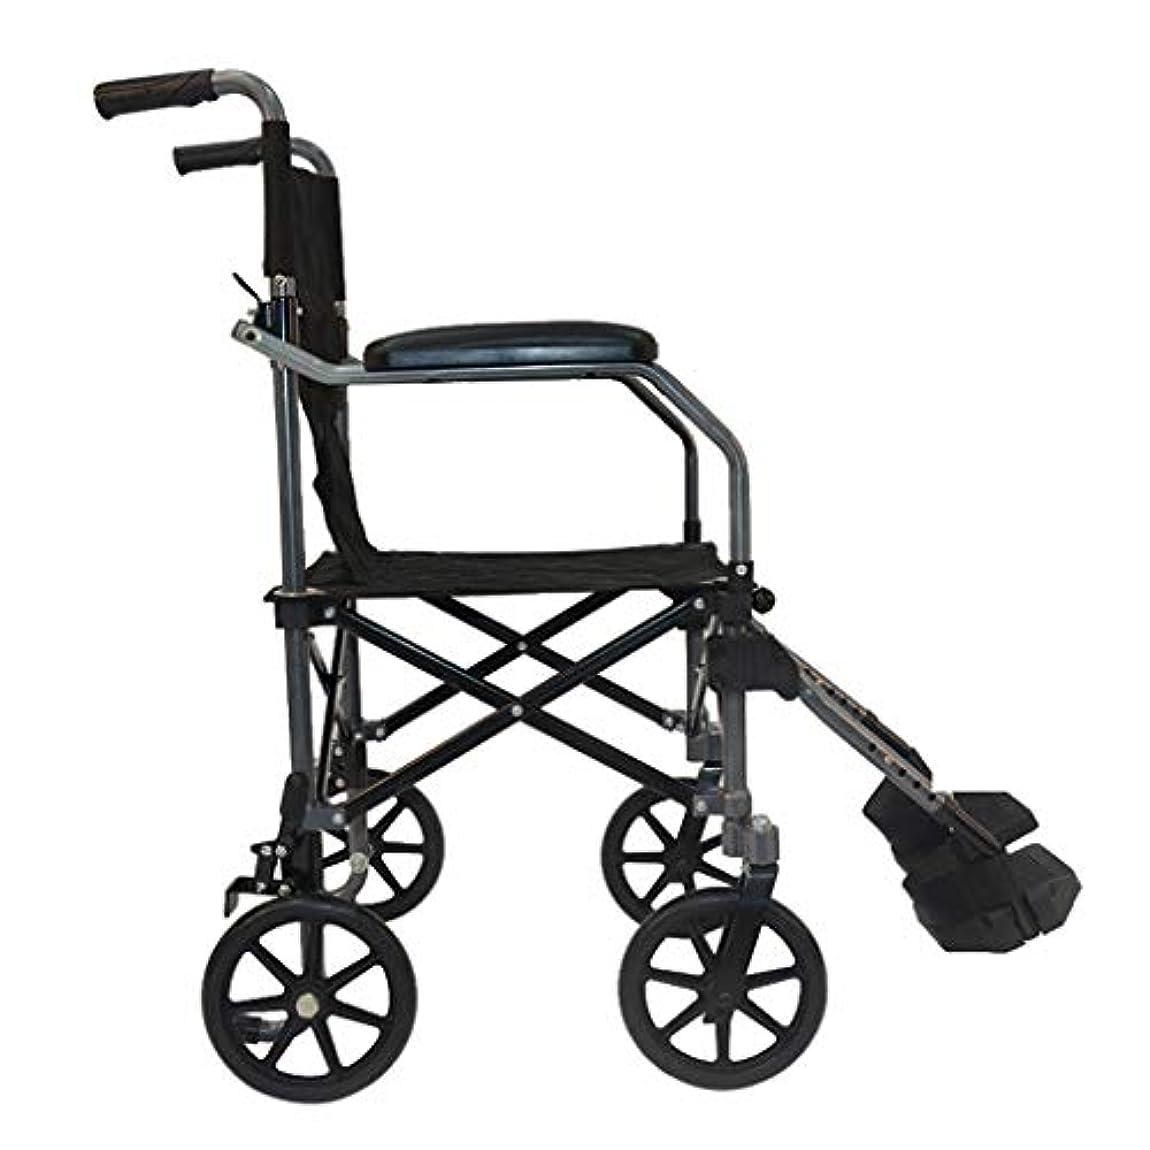 活力金銭的首尾一貫した高齢者の屋外旅行トロリーに適した手動車椅子、折りたたみアルミニウム合金車椅子